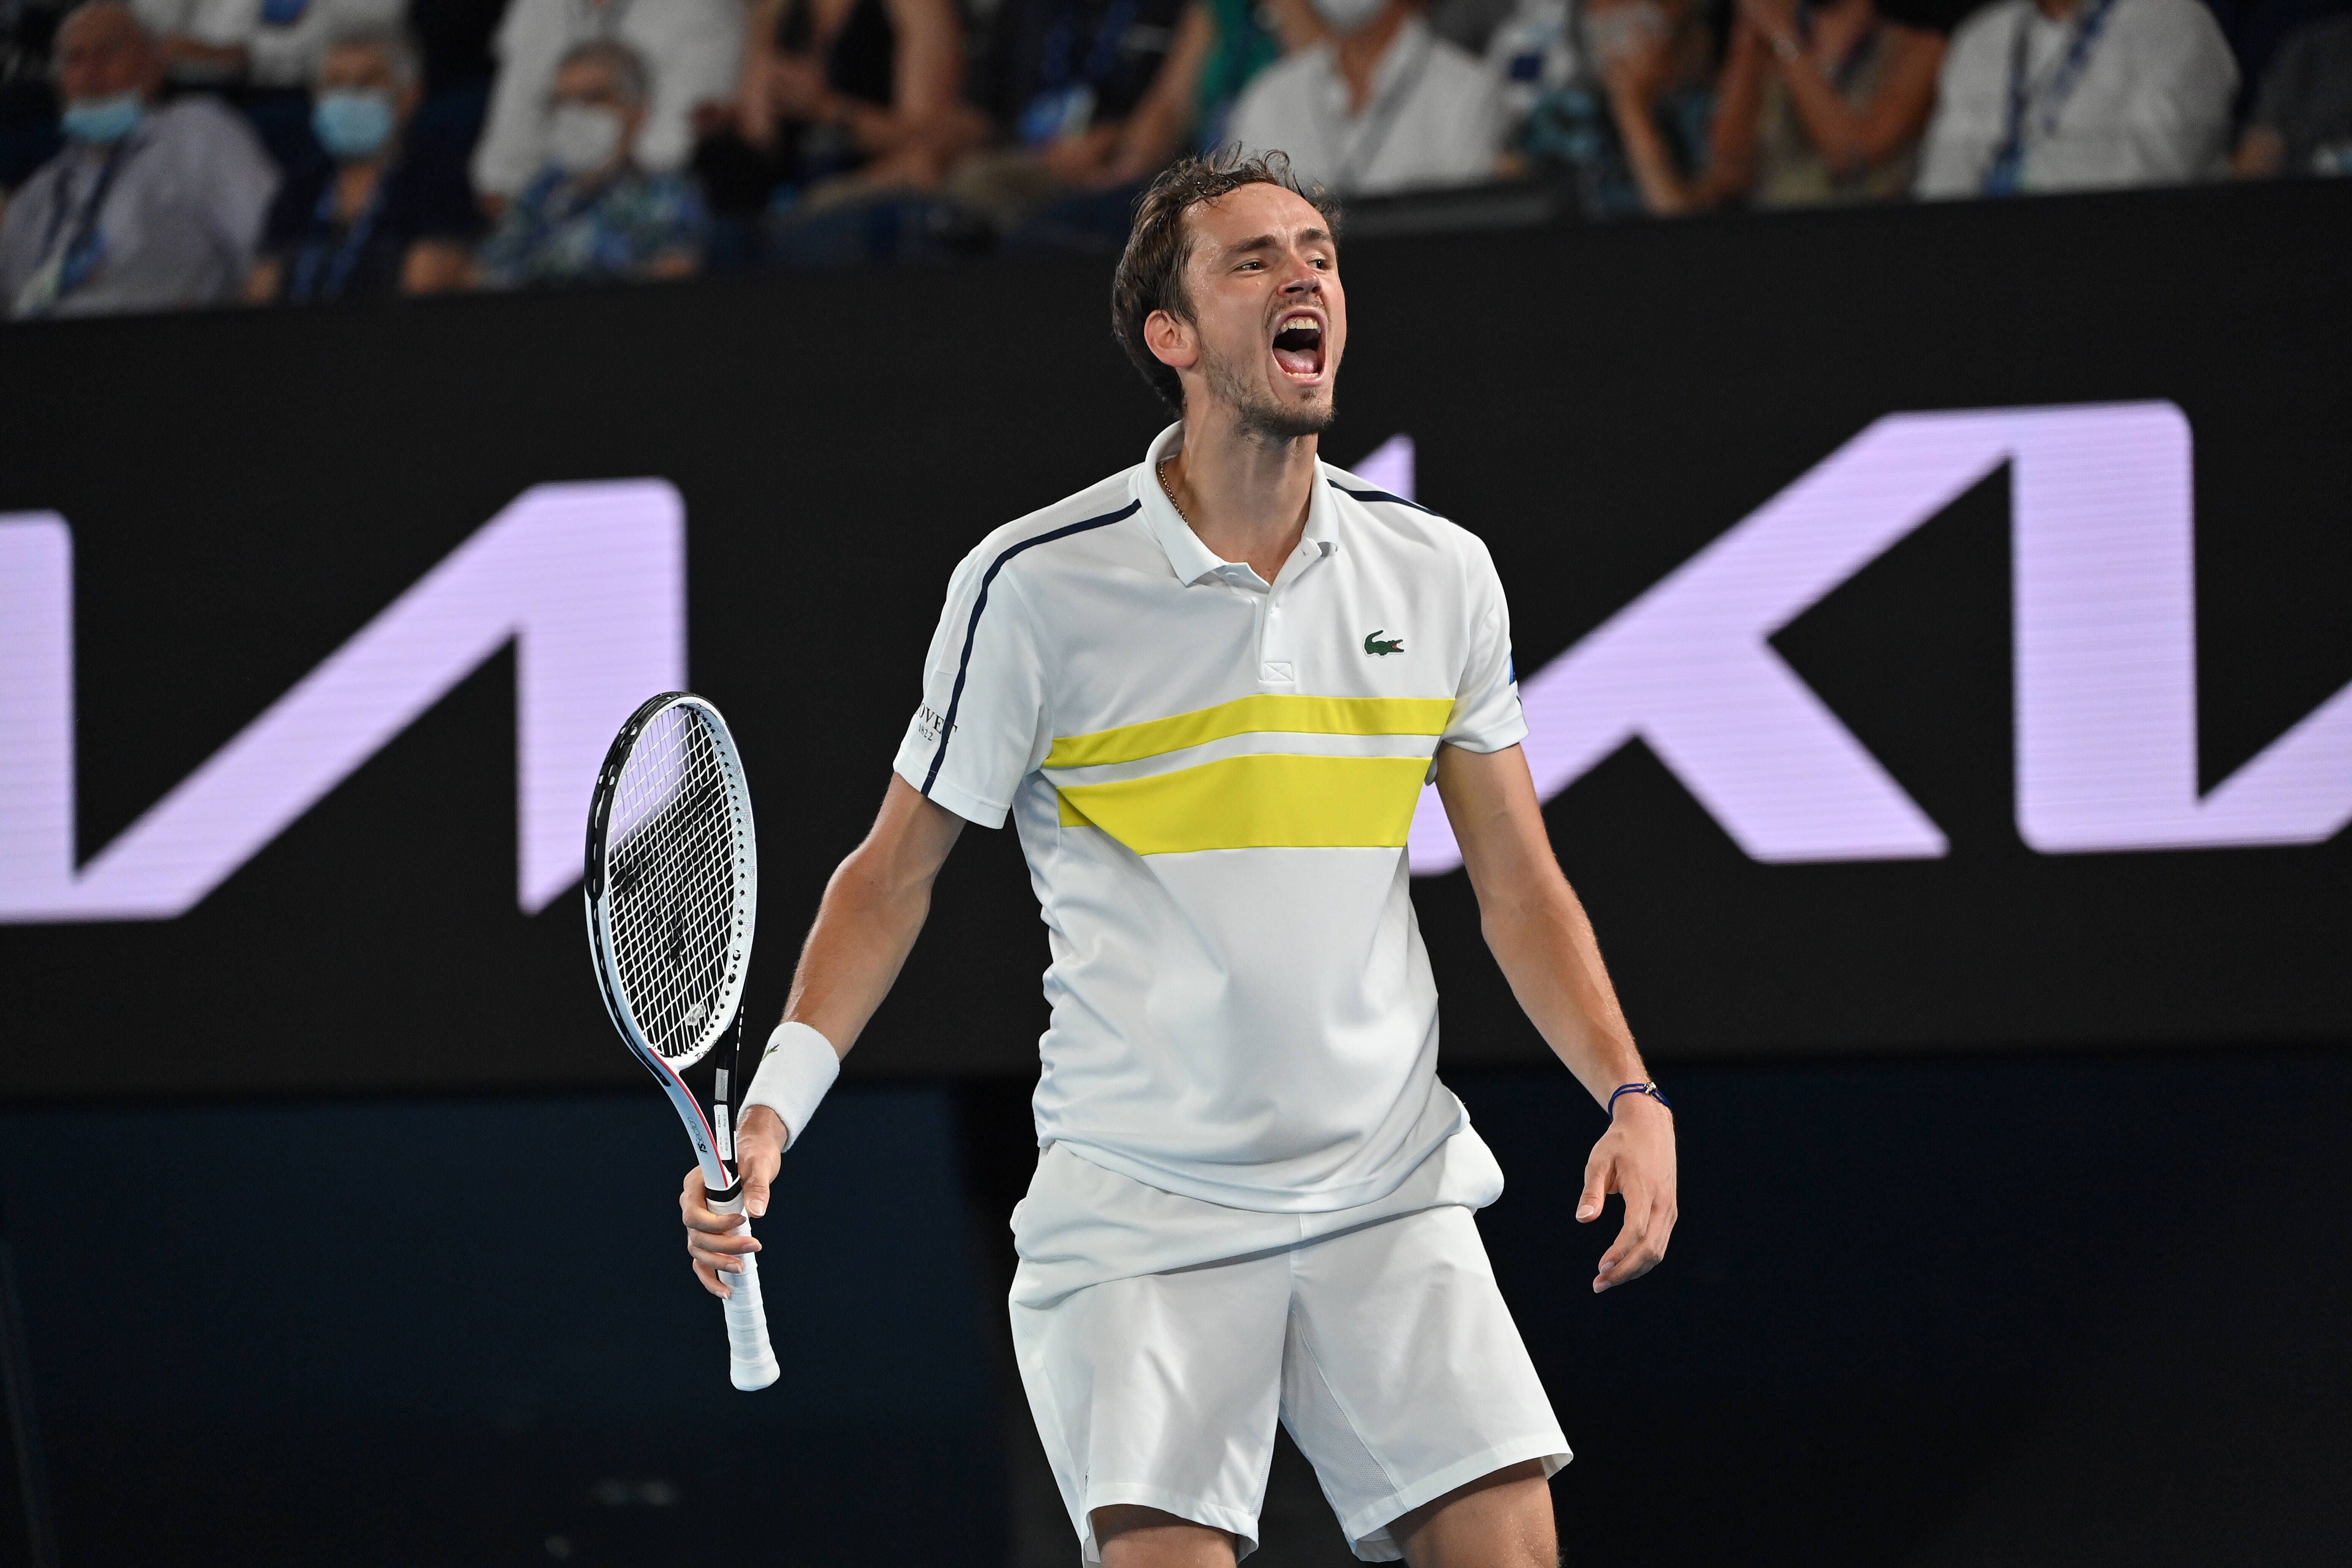 Медведев в случае победы на Australian Open впервые станет второй ракеткой мира